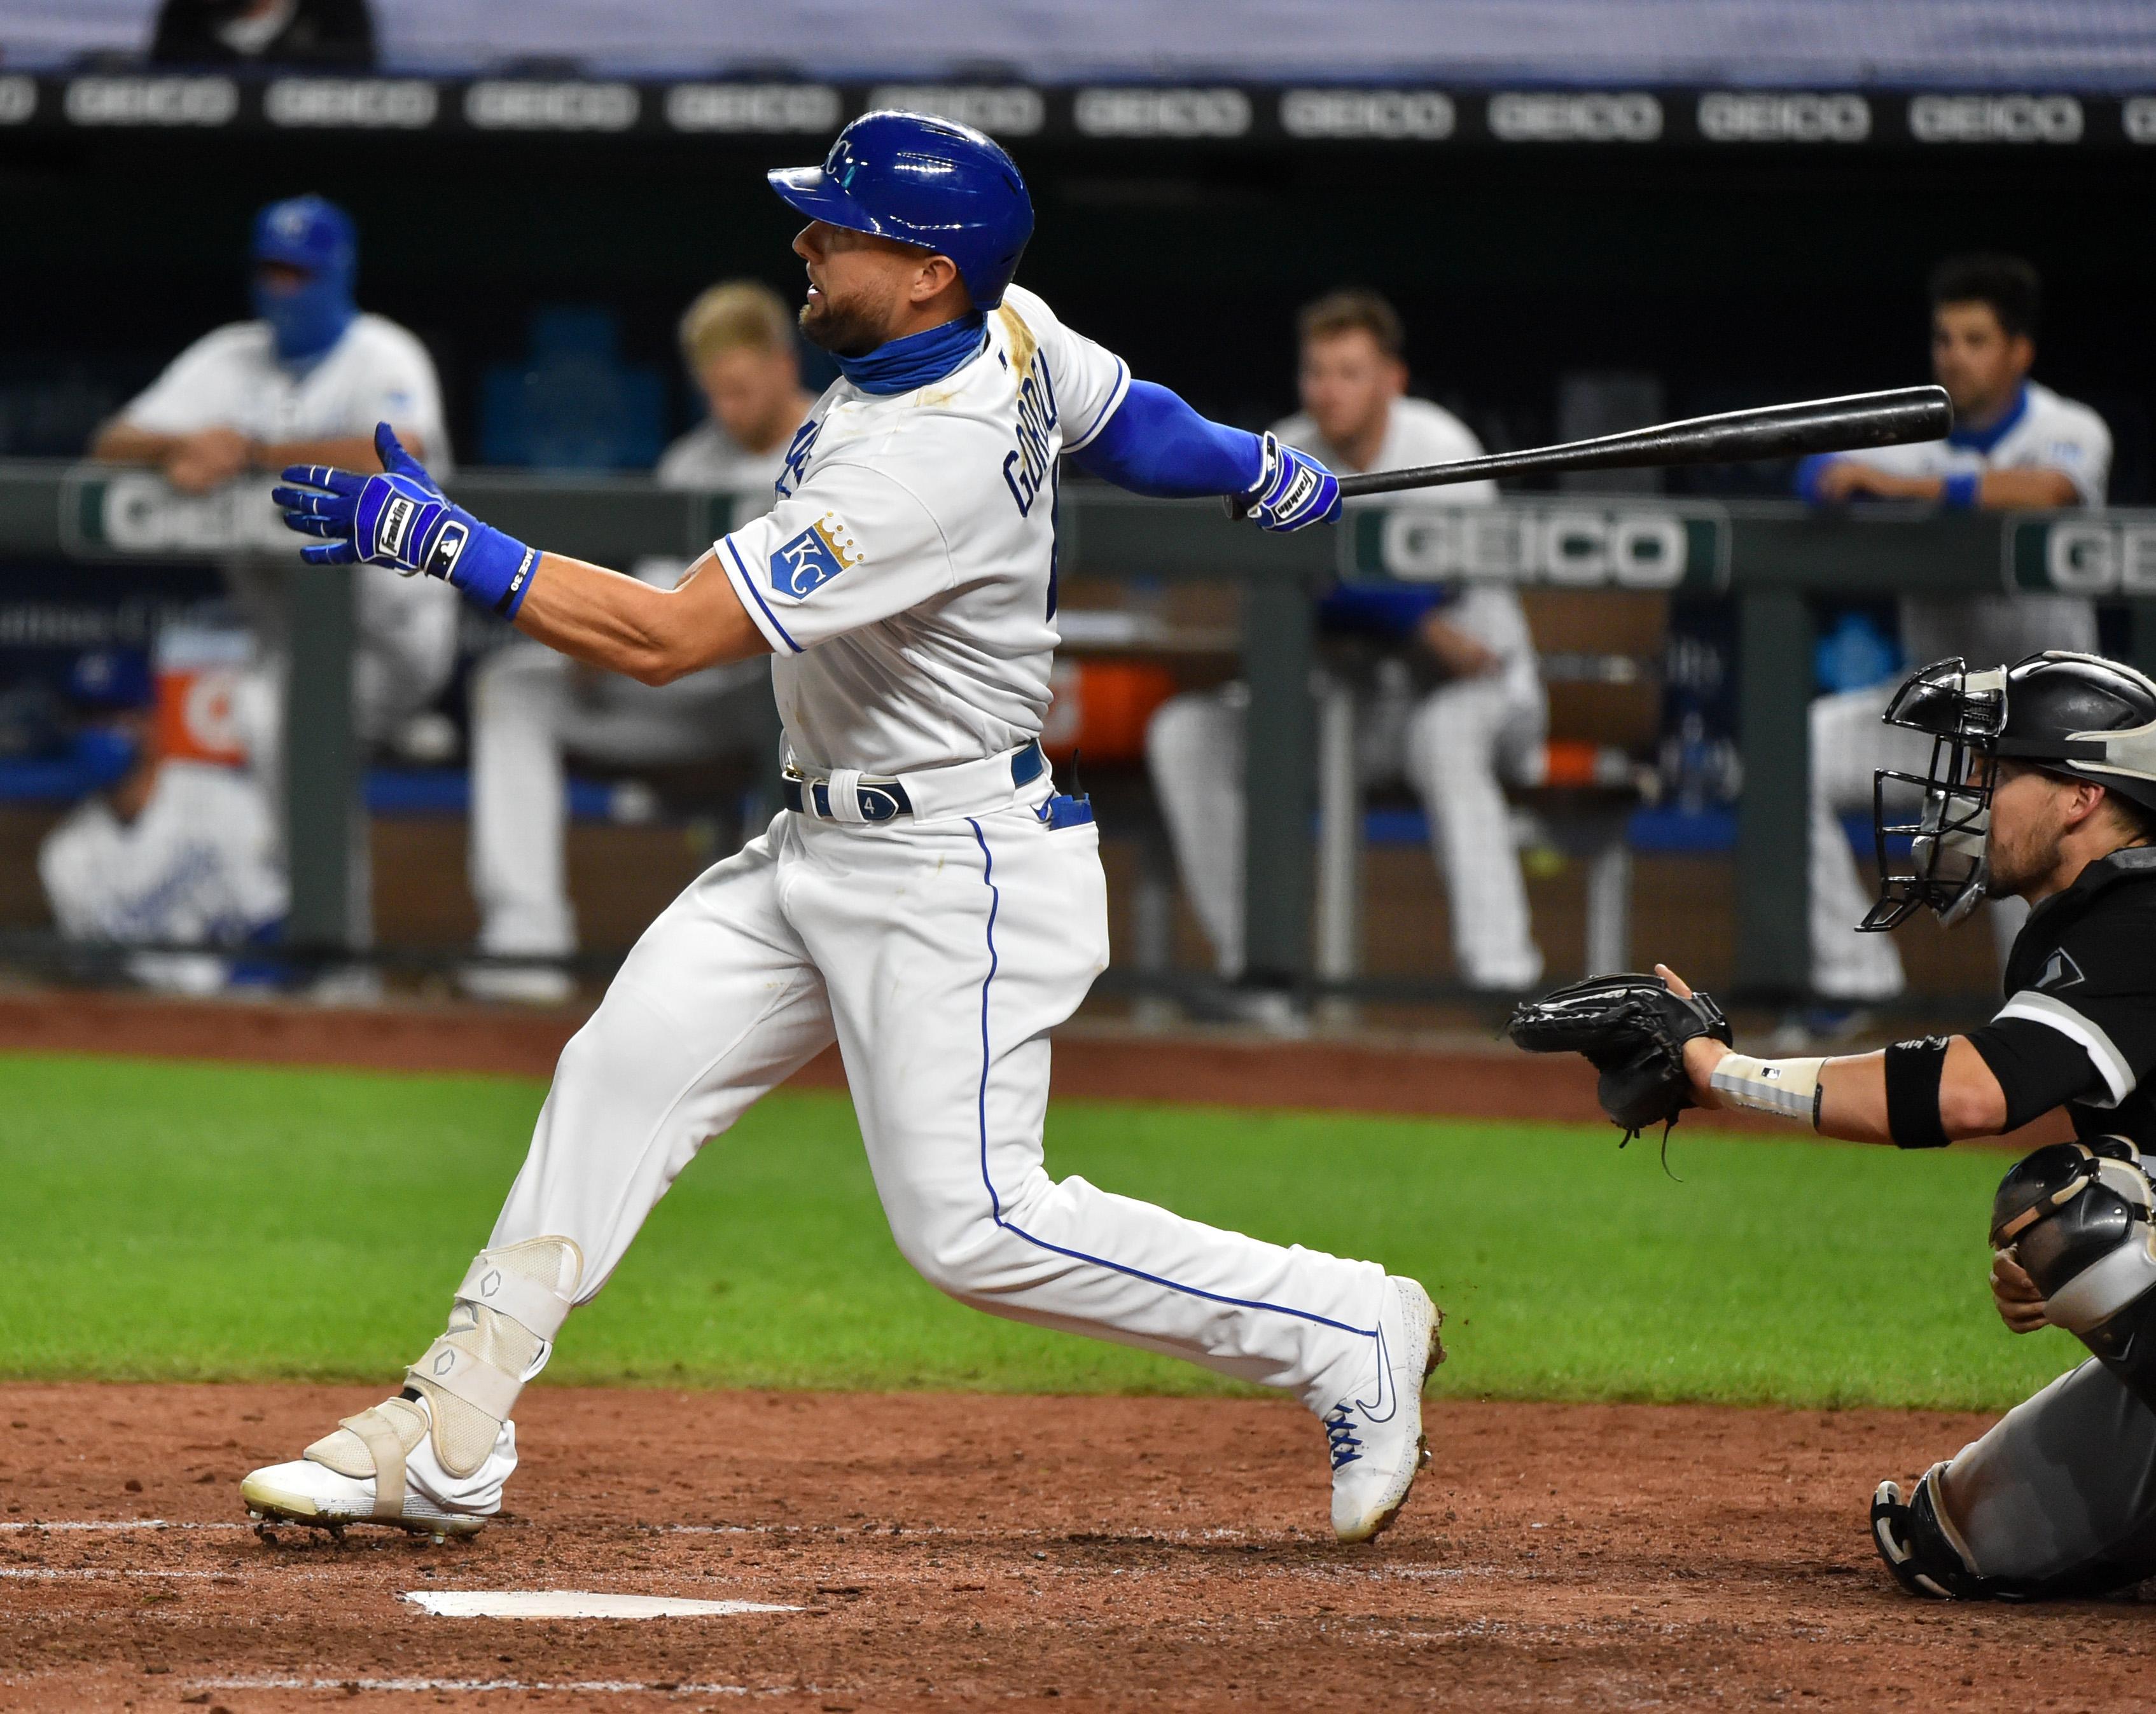 Alex Gordon following through on a swing